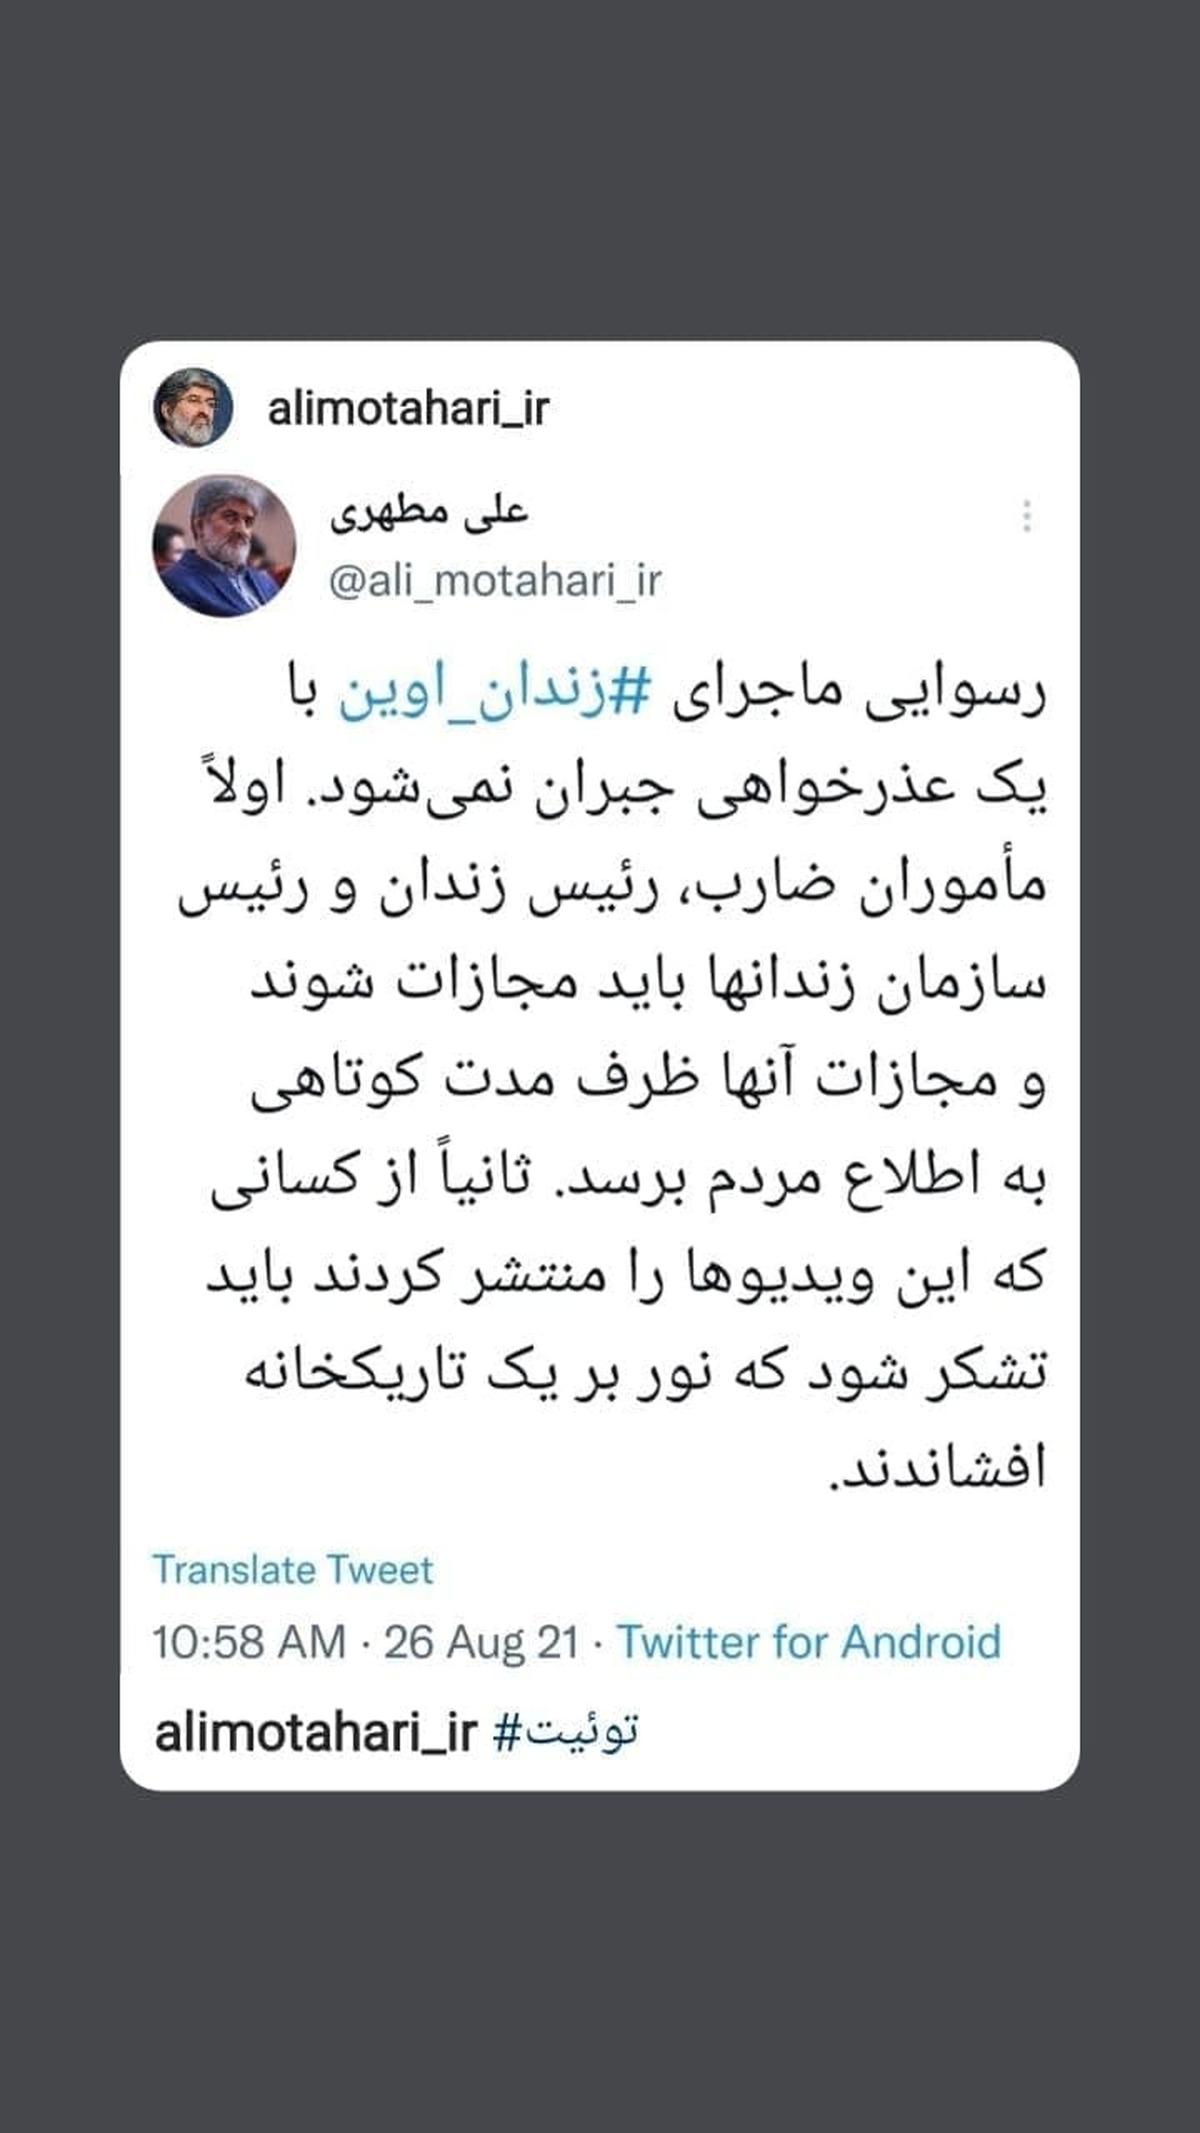 واکنش علی مطهری به رسوایی ماجرای زندان اوین